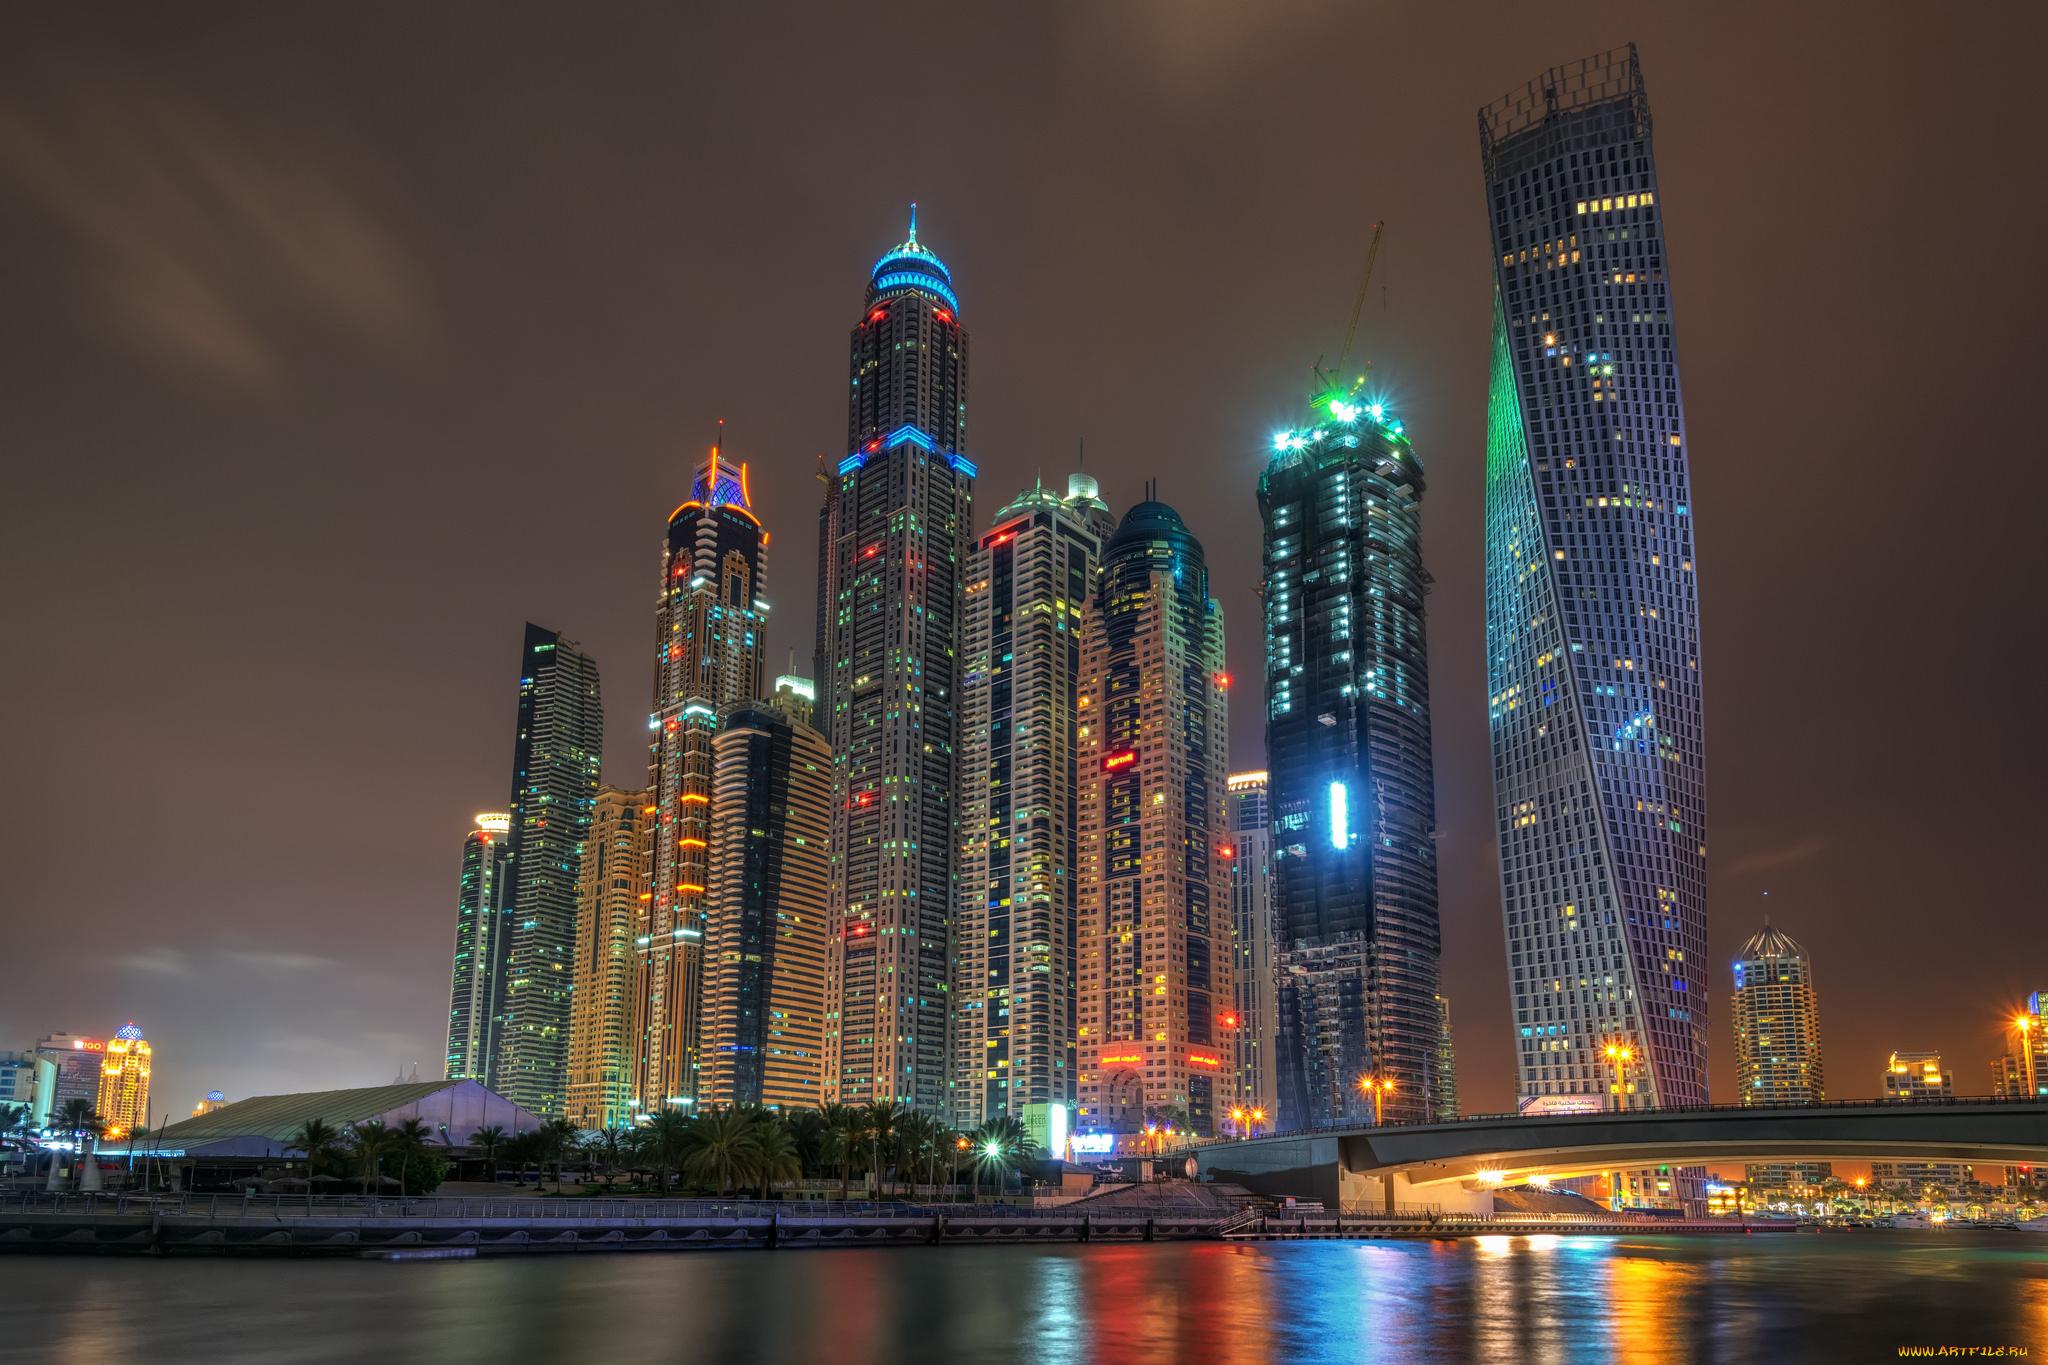 город ОАЭ дубаи-марина небоскреб высота бесплатно